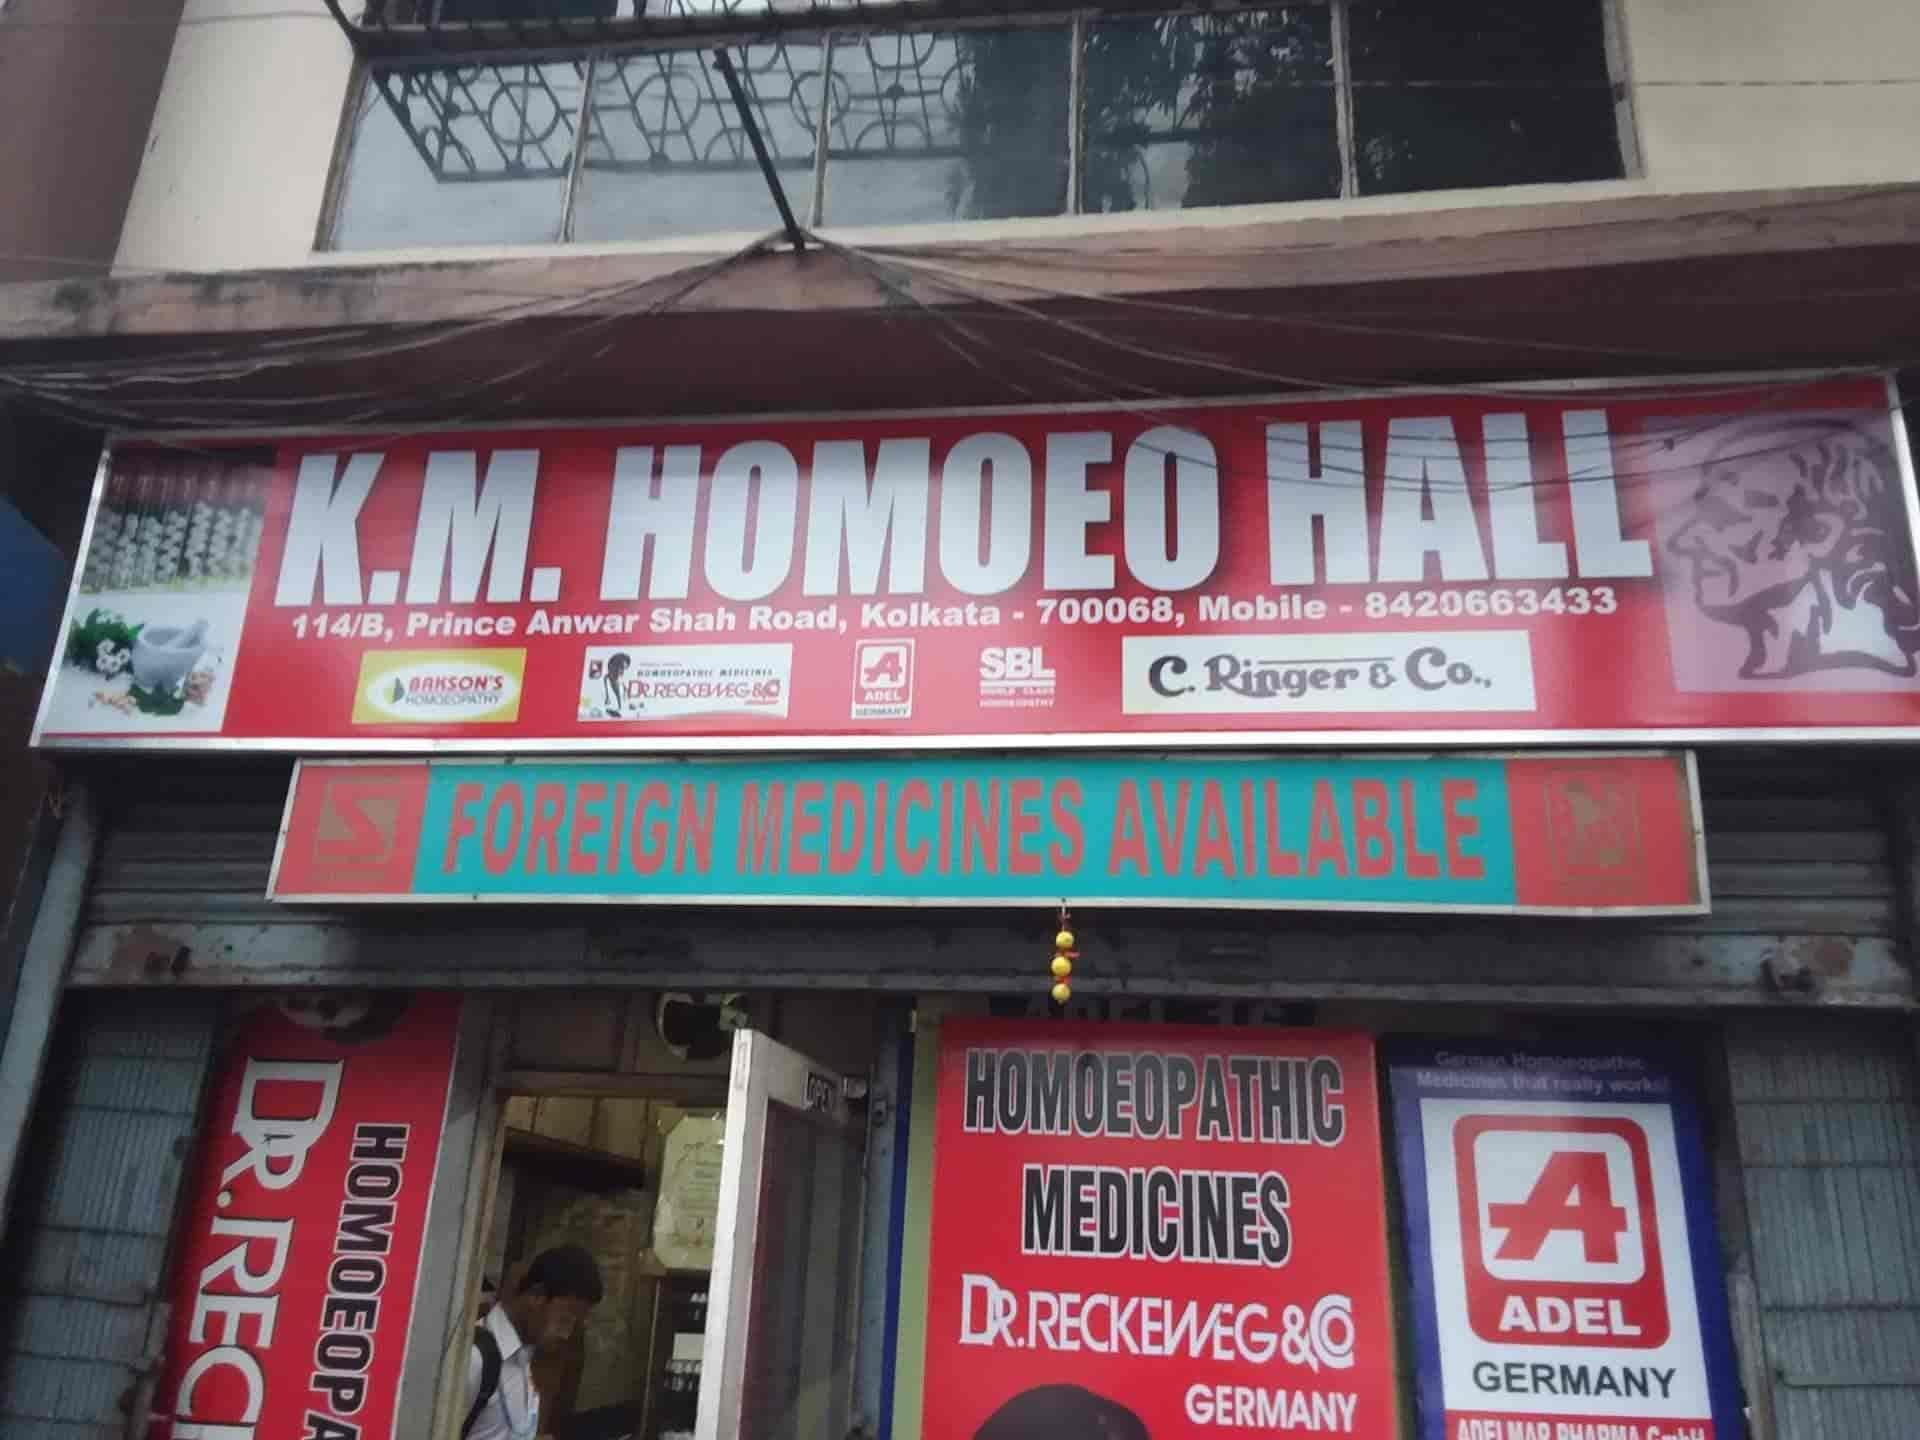 K M Homeo Hall Photos, Jodhpur Park, Kolkata- Pictures